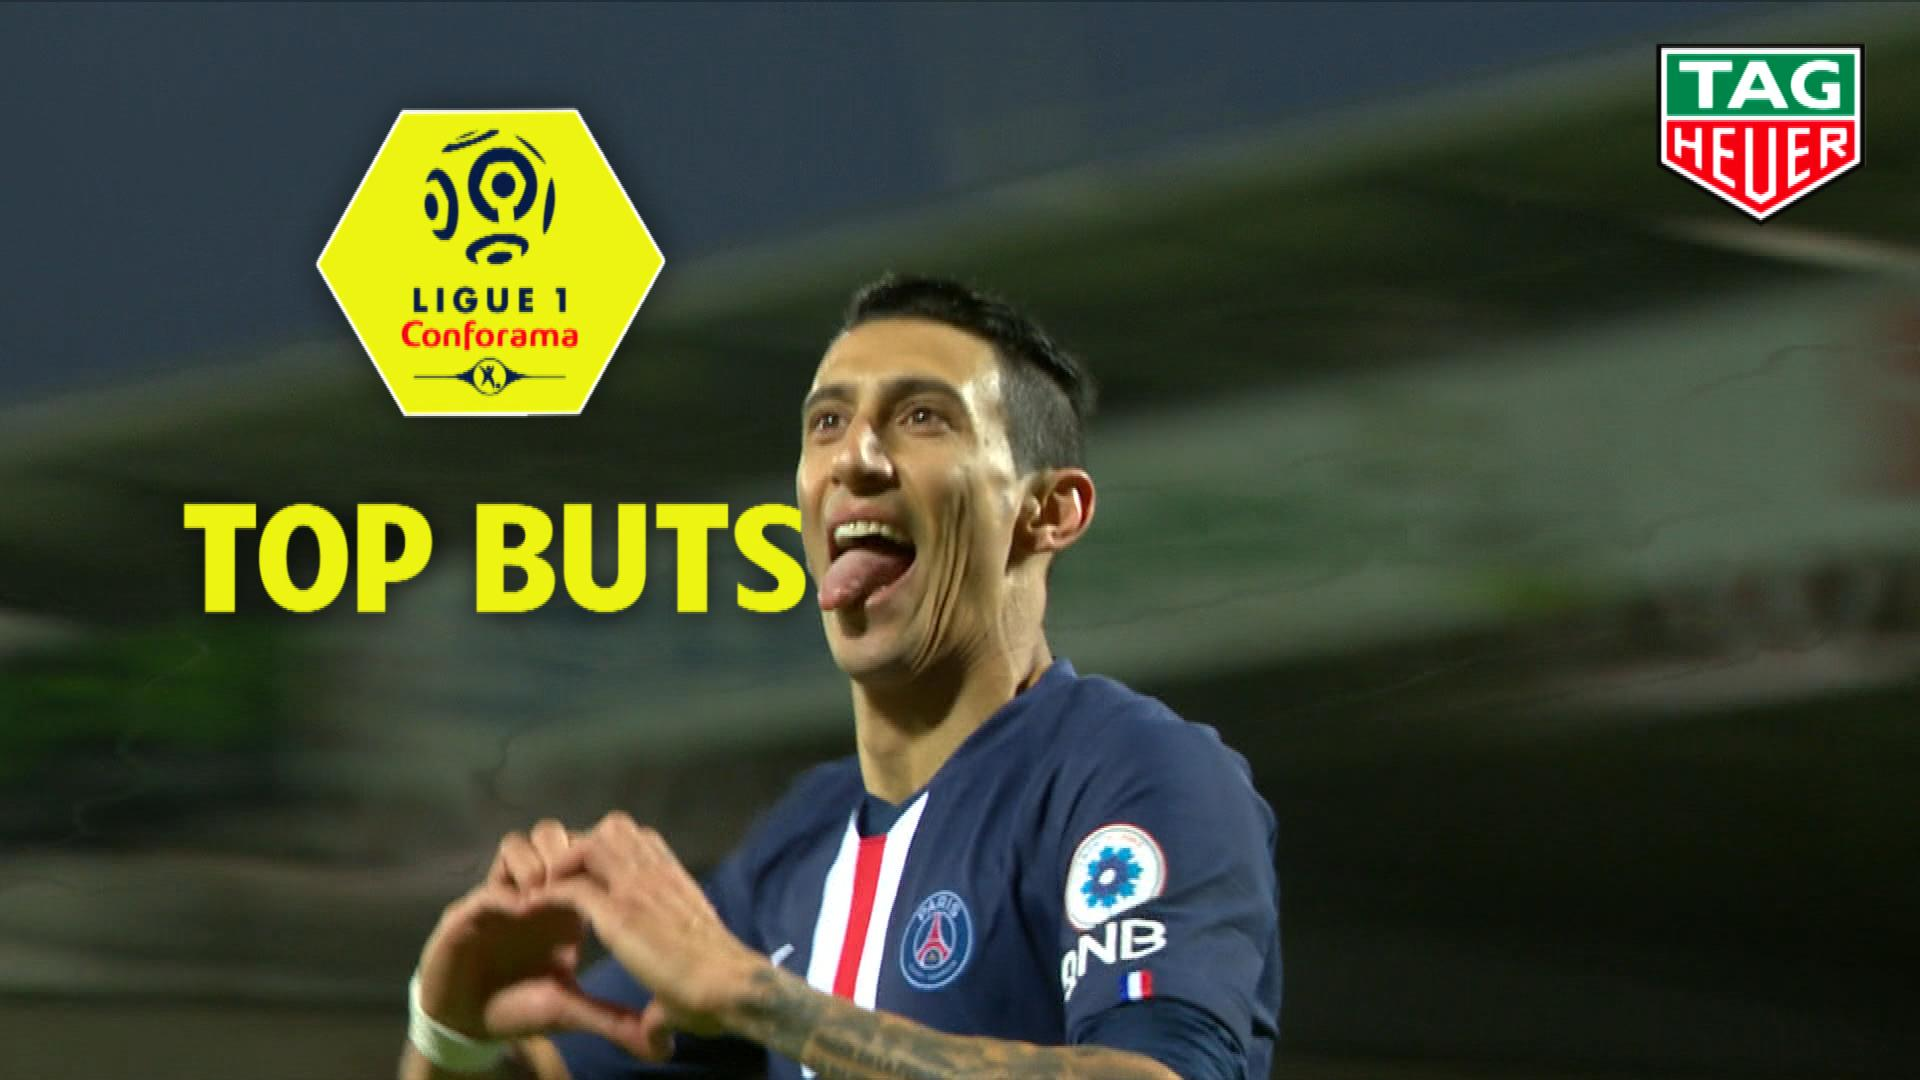 Top 10 toucher de balle   saison 2019-20   Ligue 1 Conforama